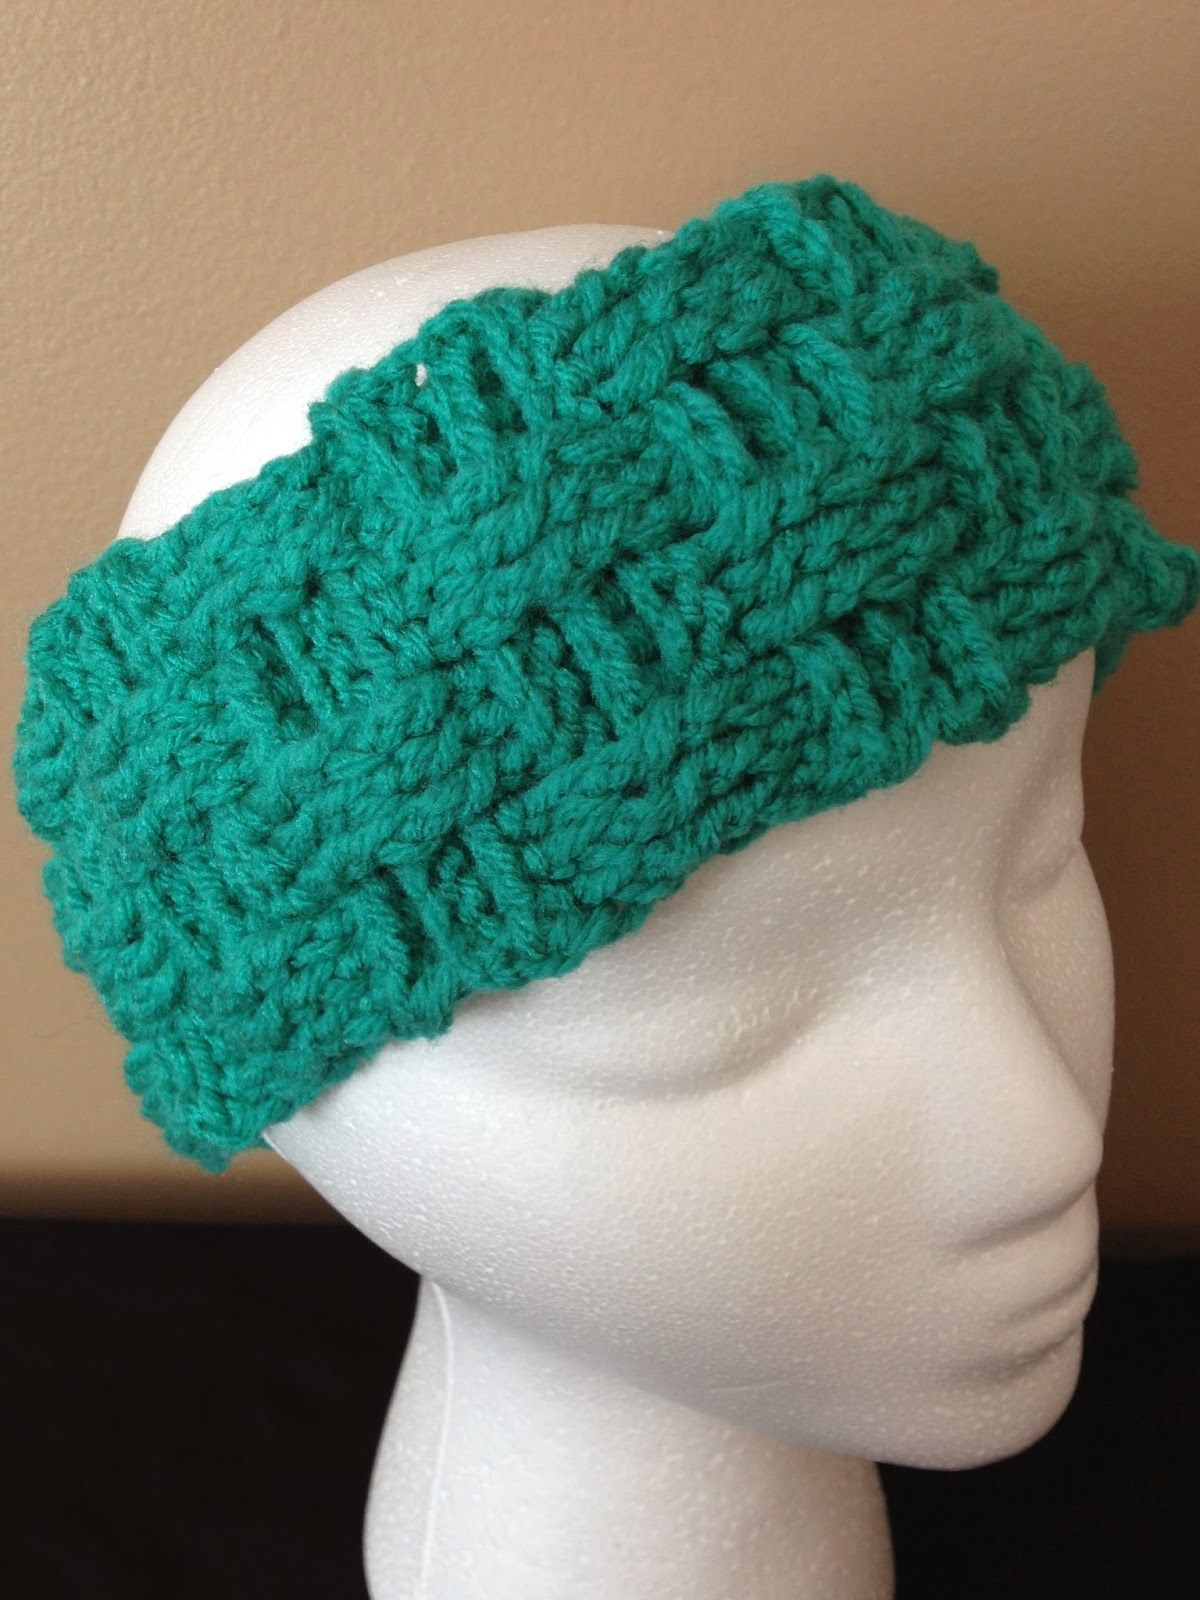 My Crocheted World: Basket Weave Ear Warmer Free Pattern! | bandas ...